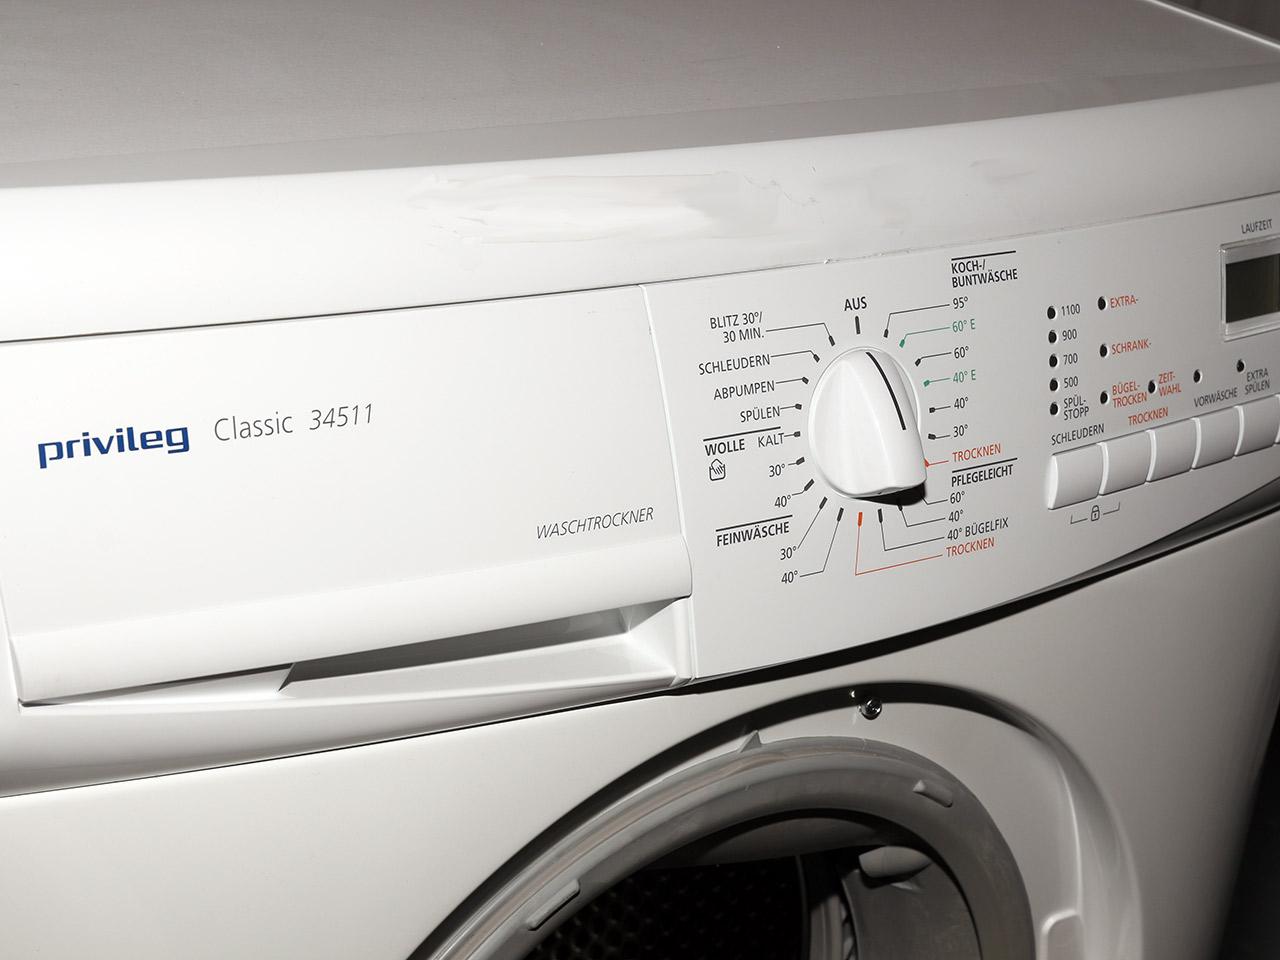 Waschtrockner 1100500 Umin 53kg Waschmaschine und